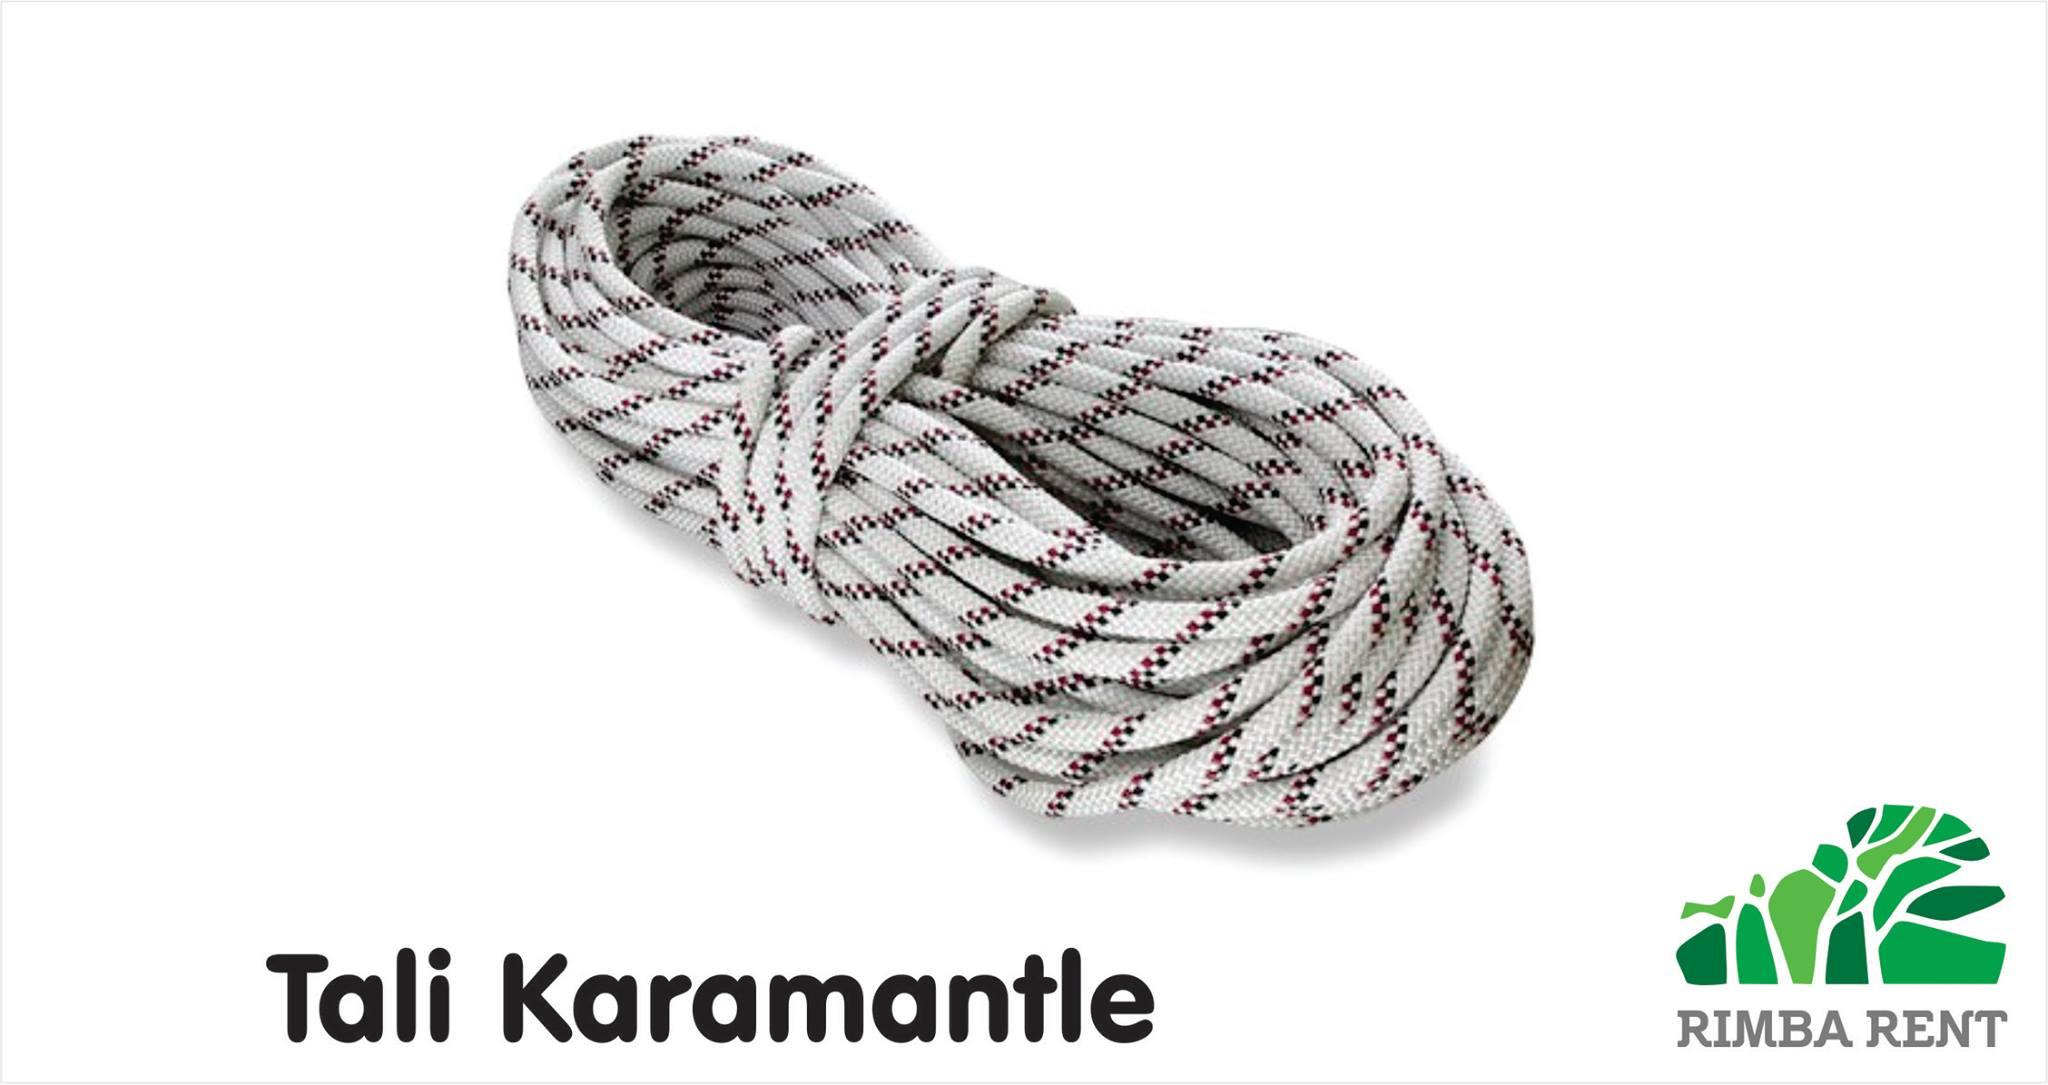 Karamantle